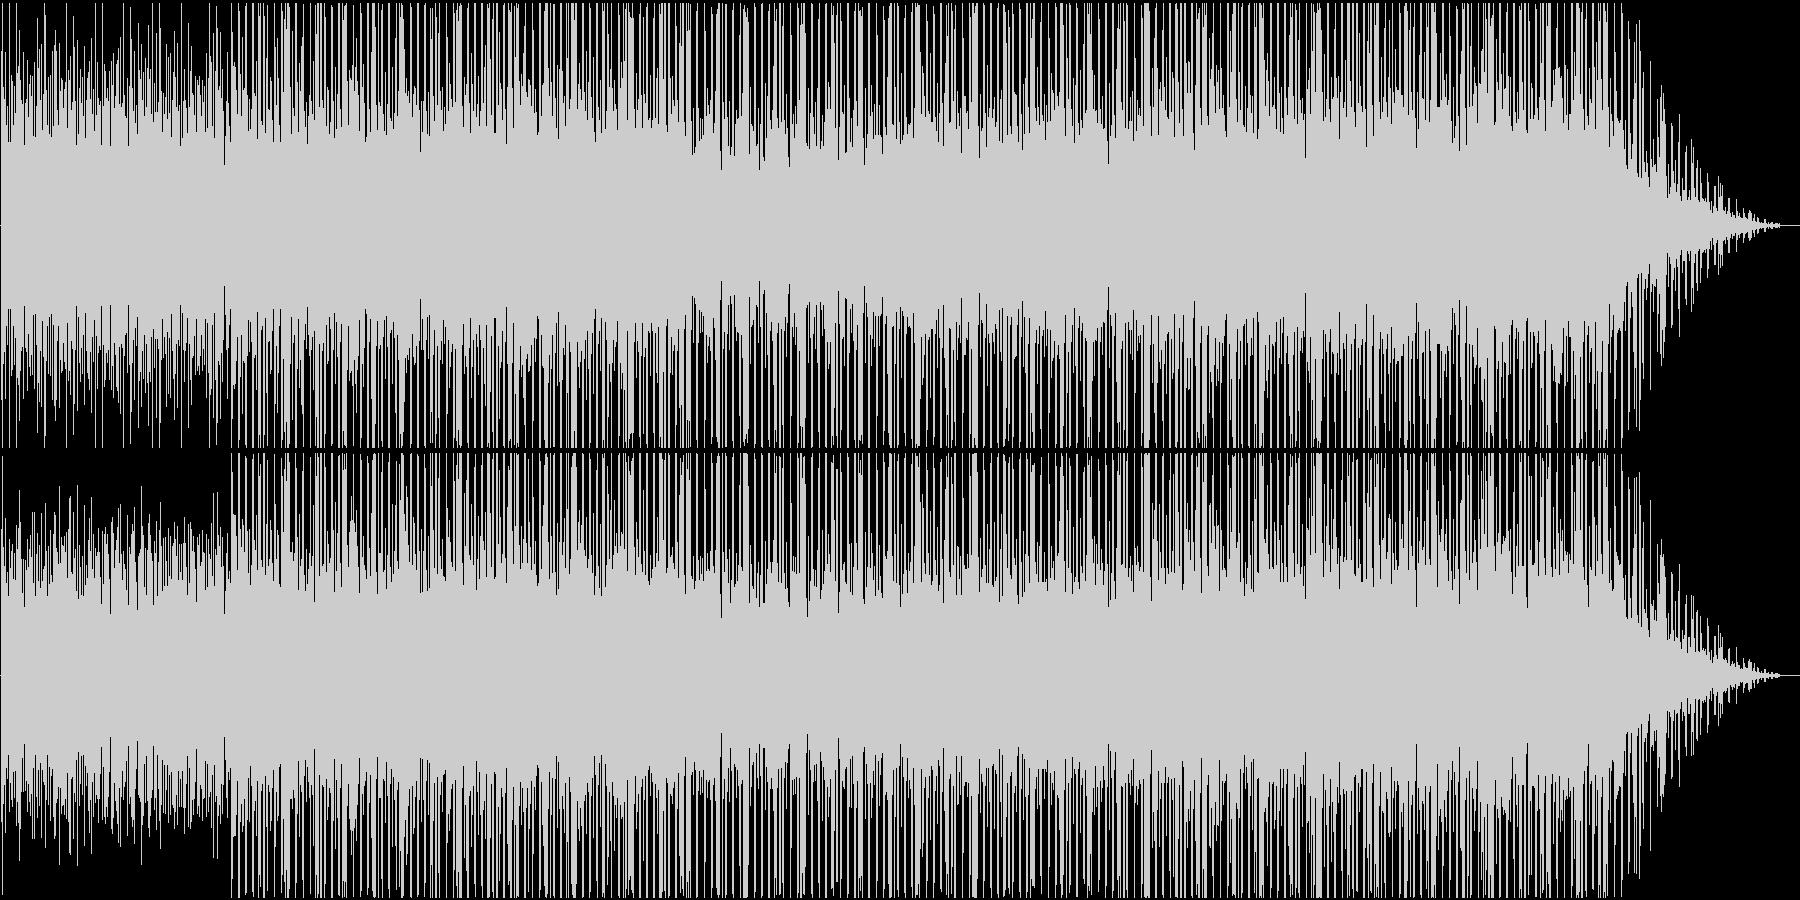 コンピューターグラフィックなどに合う曲の未再生の波形